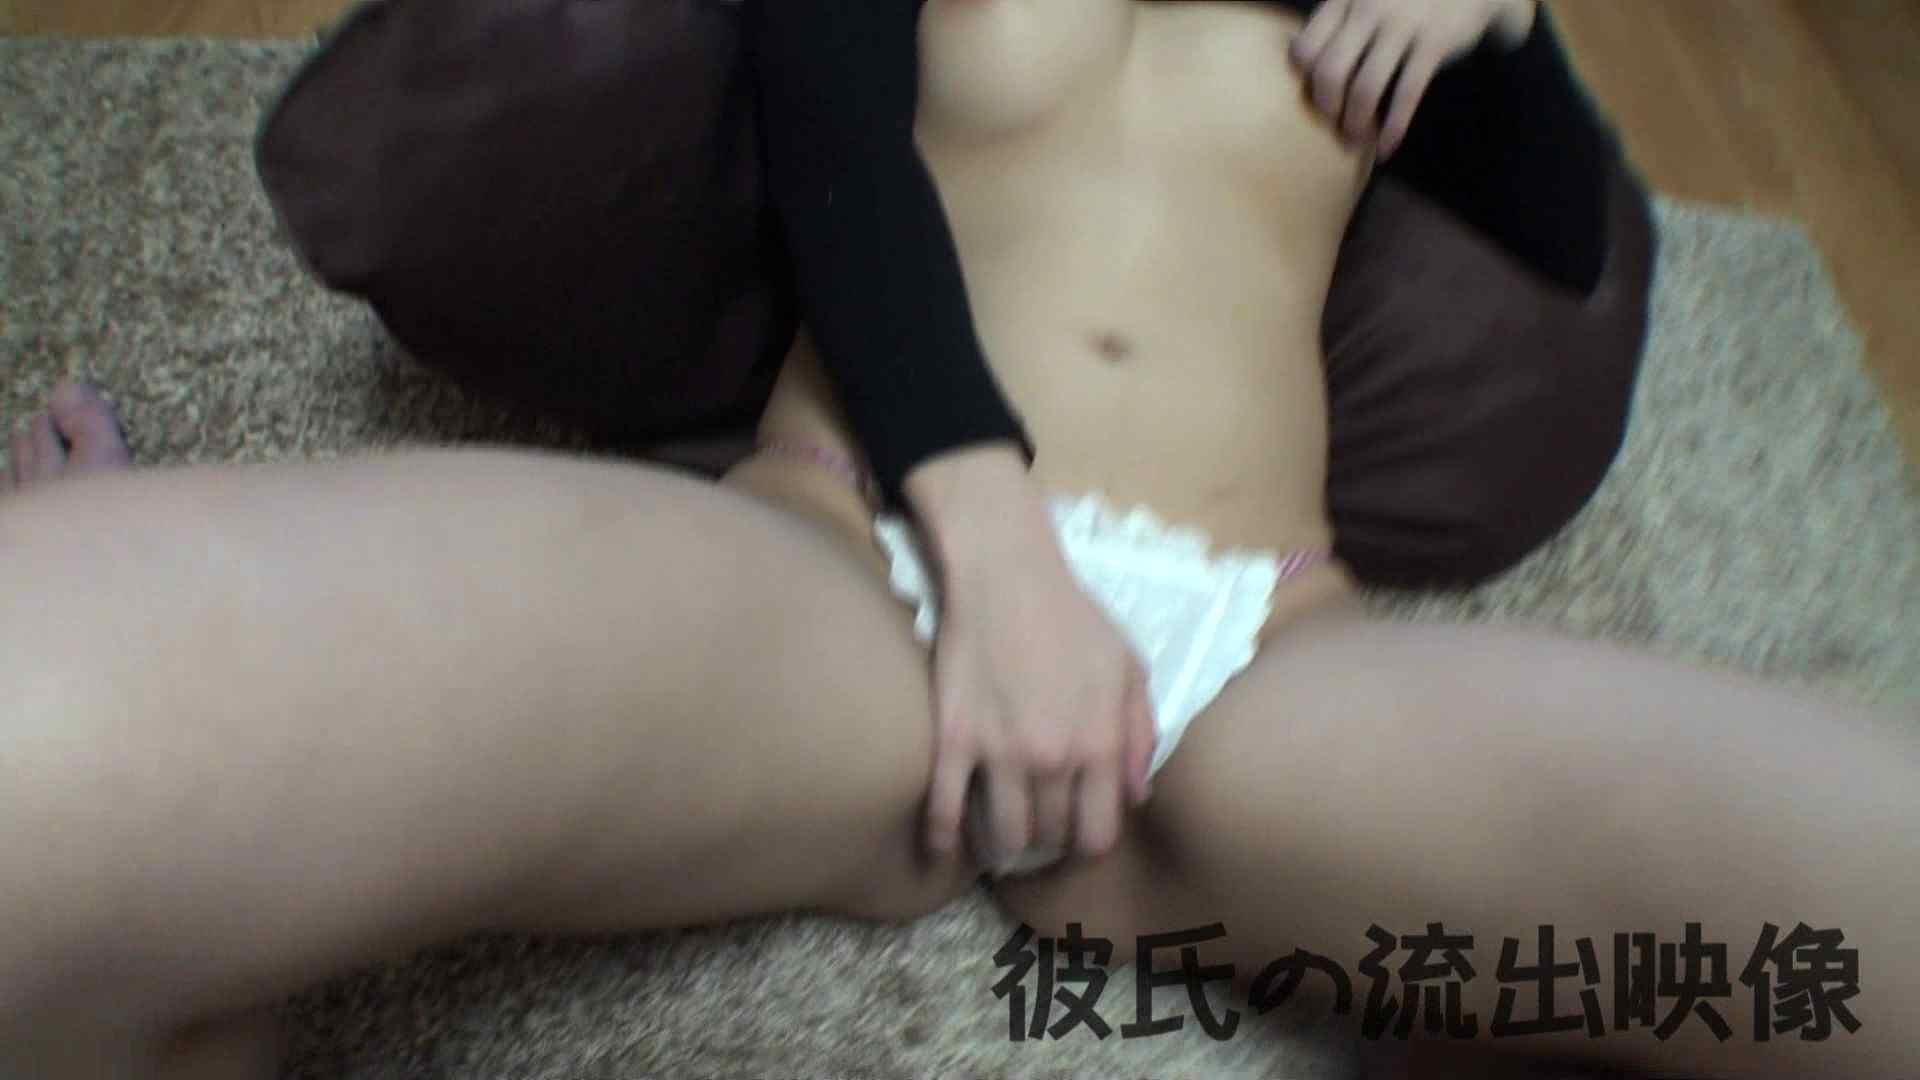 彼氏が流出 パイパン素人嬢のハメ撮り映像04 パイパン   素人  53pic 25